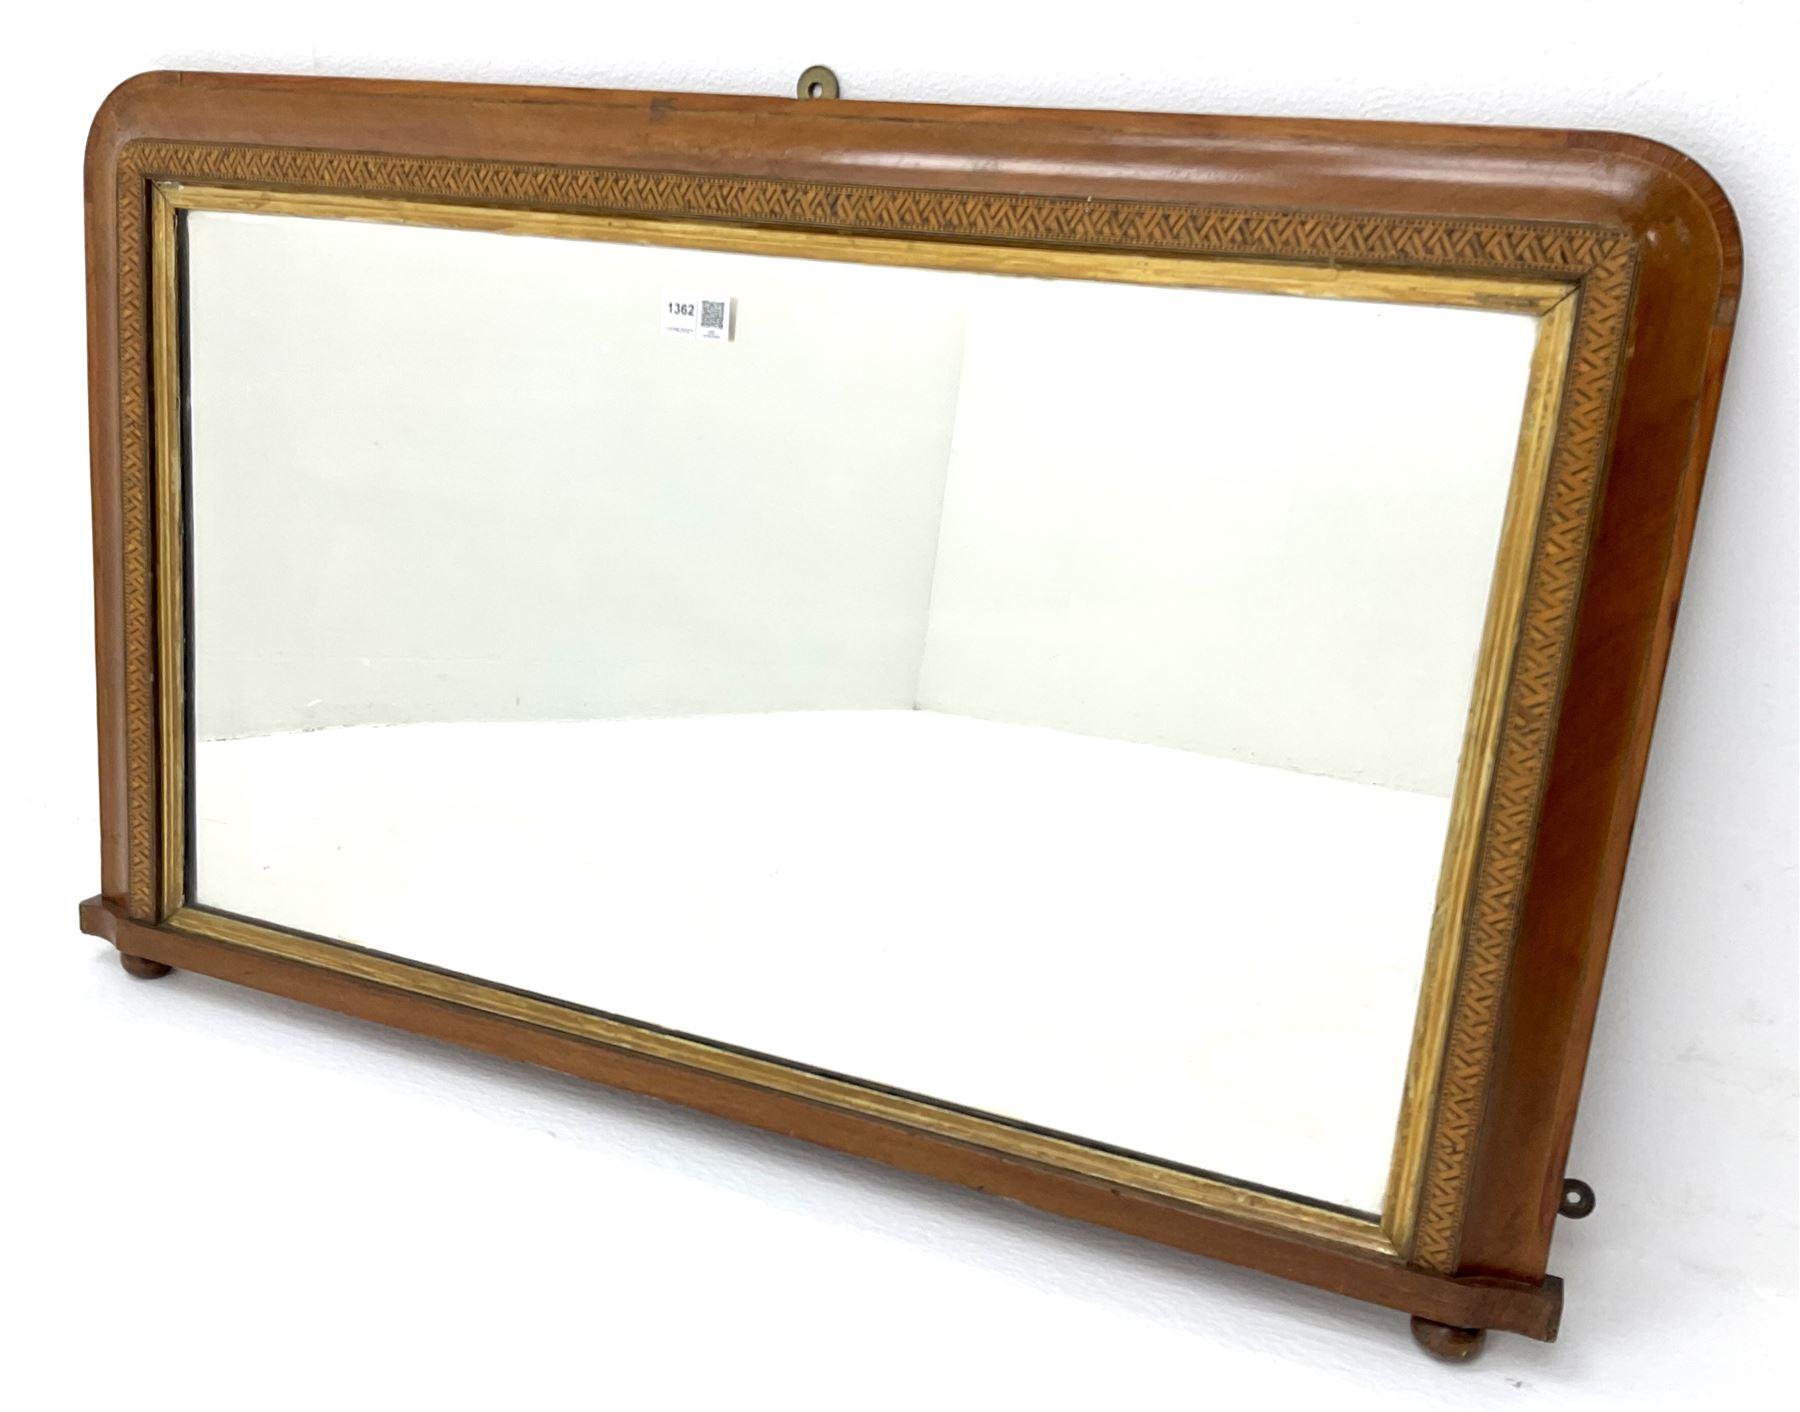 Victorian inlaid walnut framed Tunbridge Ware overmantle mirror